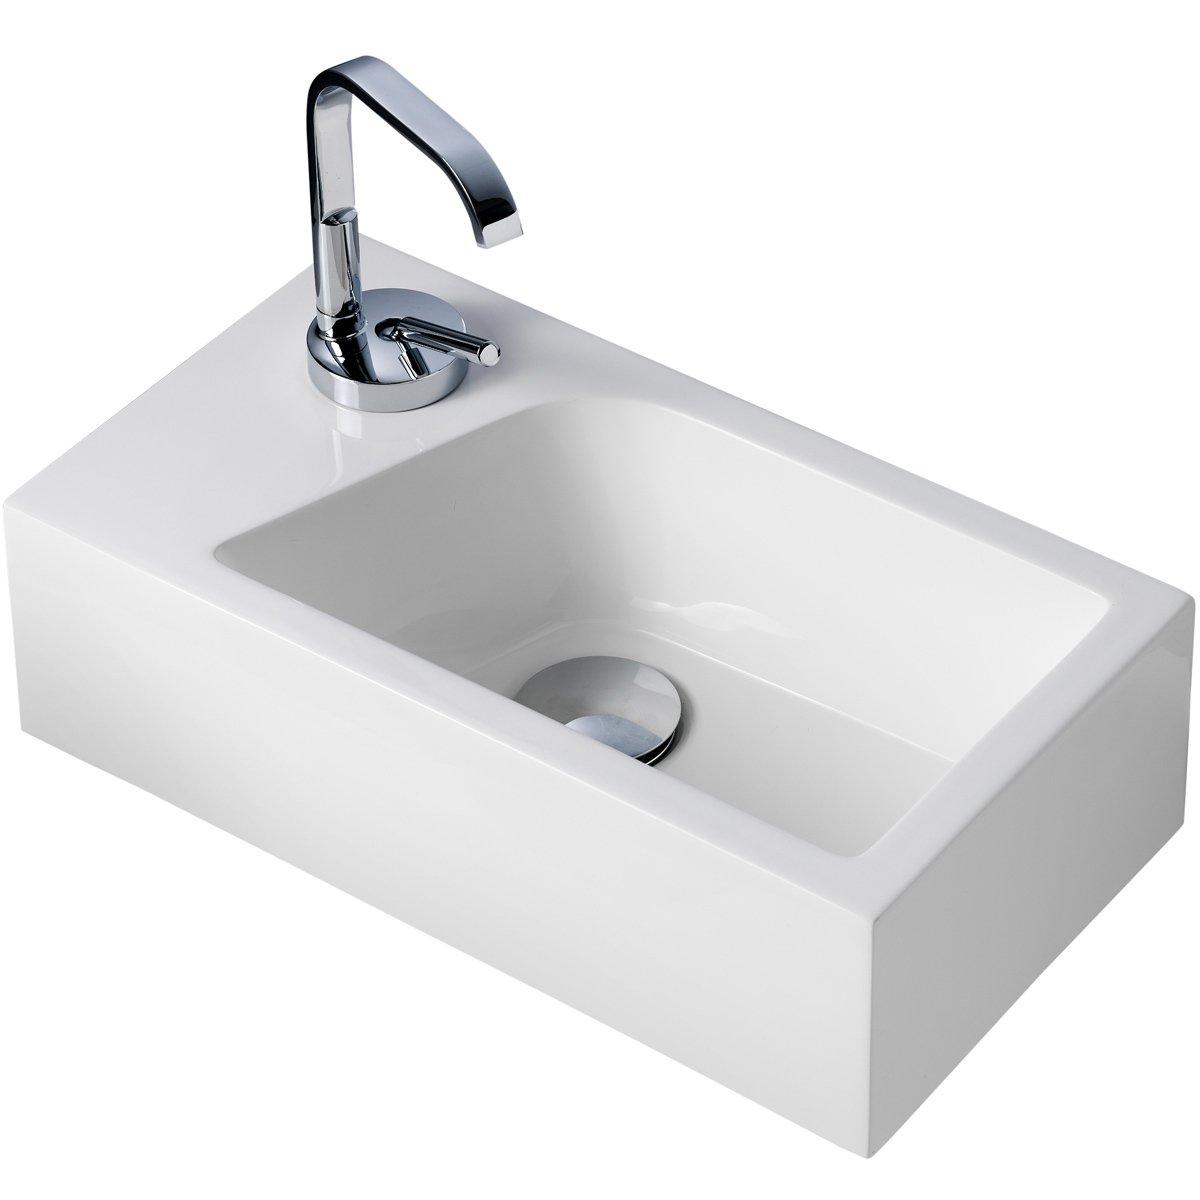 Gäste WC Waschbecken Für Wandmontage Mineralguss Links Oder Rechts  Handwaschbecken: Amazon.de: Baumarkt